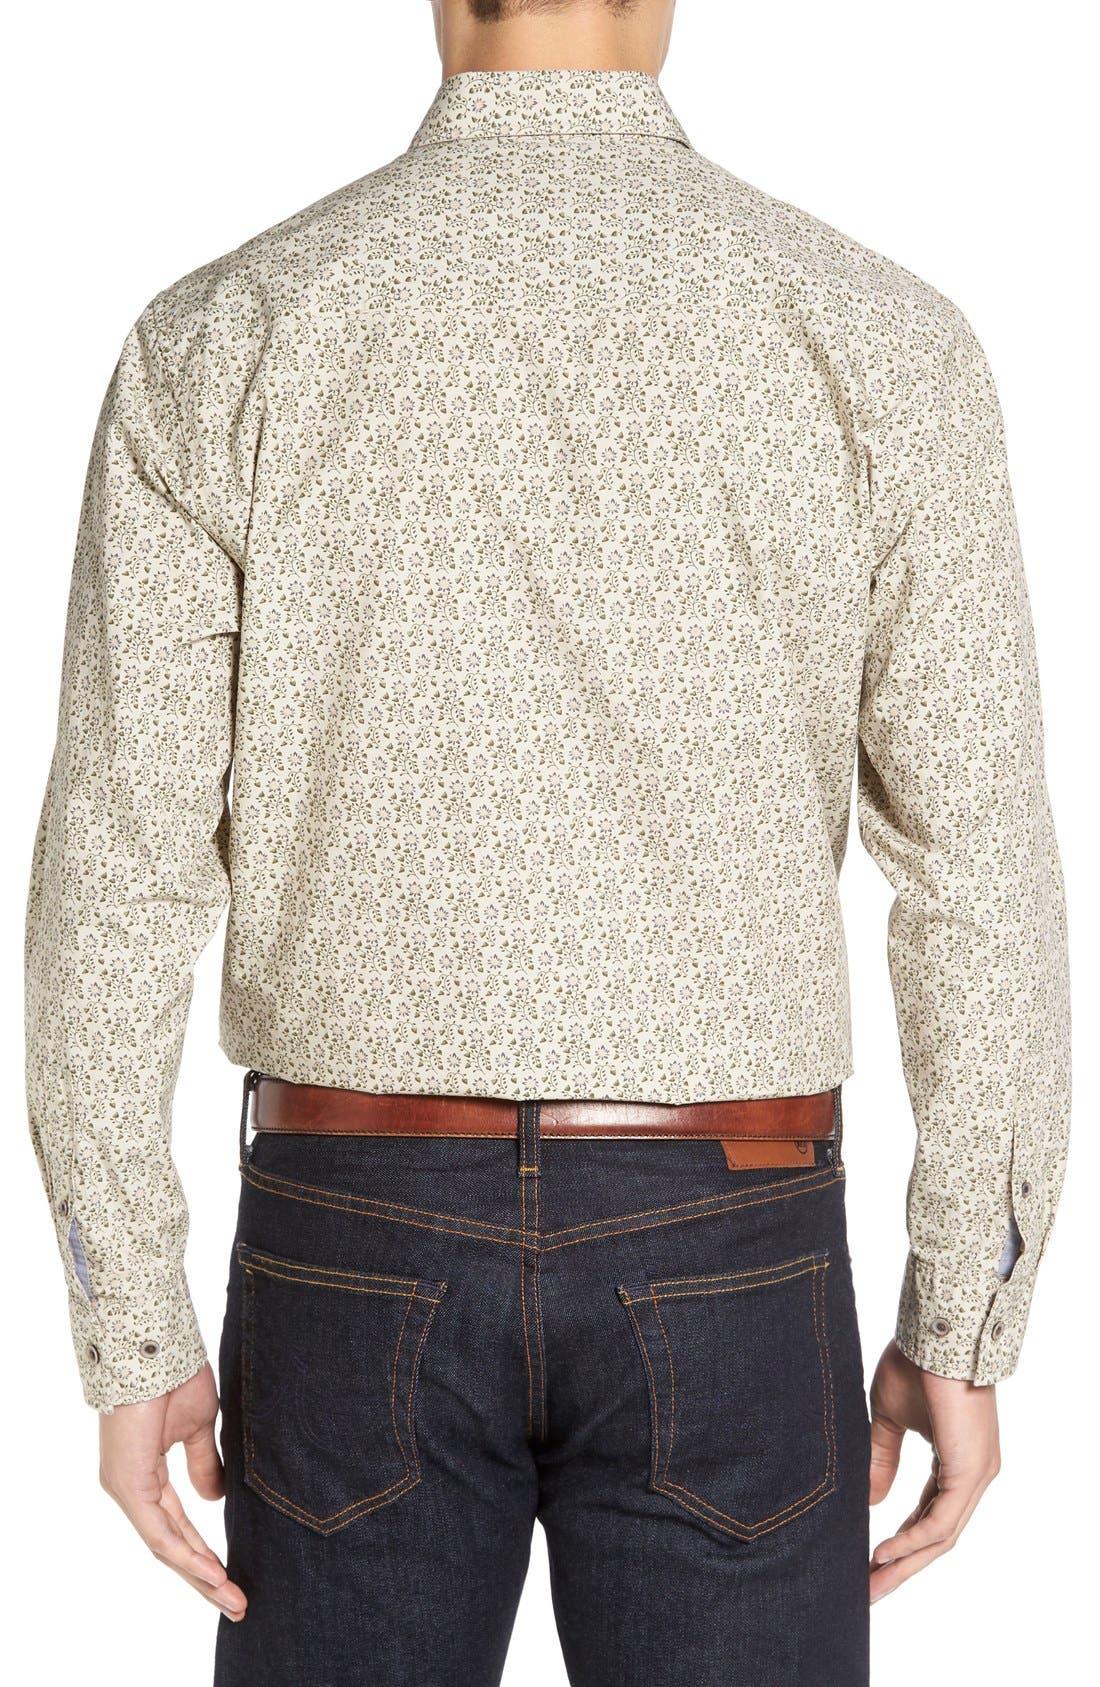 Alternate Image 2  - Cutter & Buck 'Winston' Regular Fit Print Sport Shirt (Big & Tall)